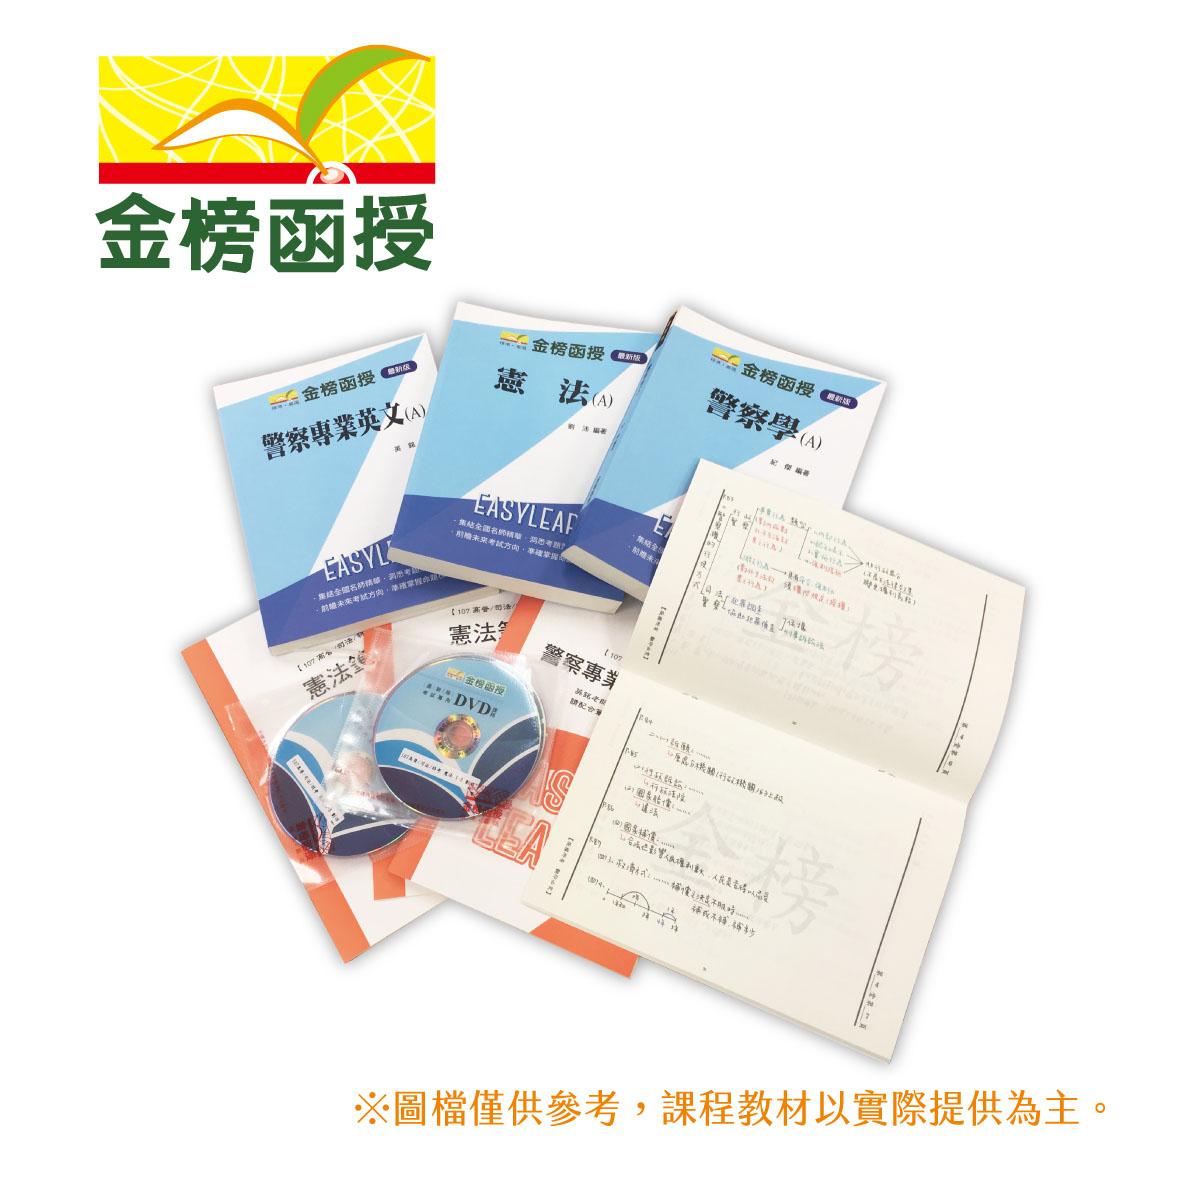 108金榜函授/高考三级/年度课程/全套/一般行政/DVD